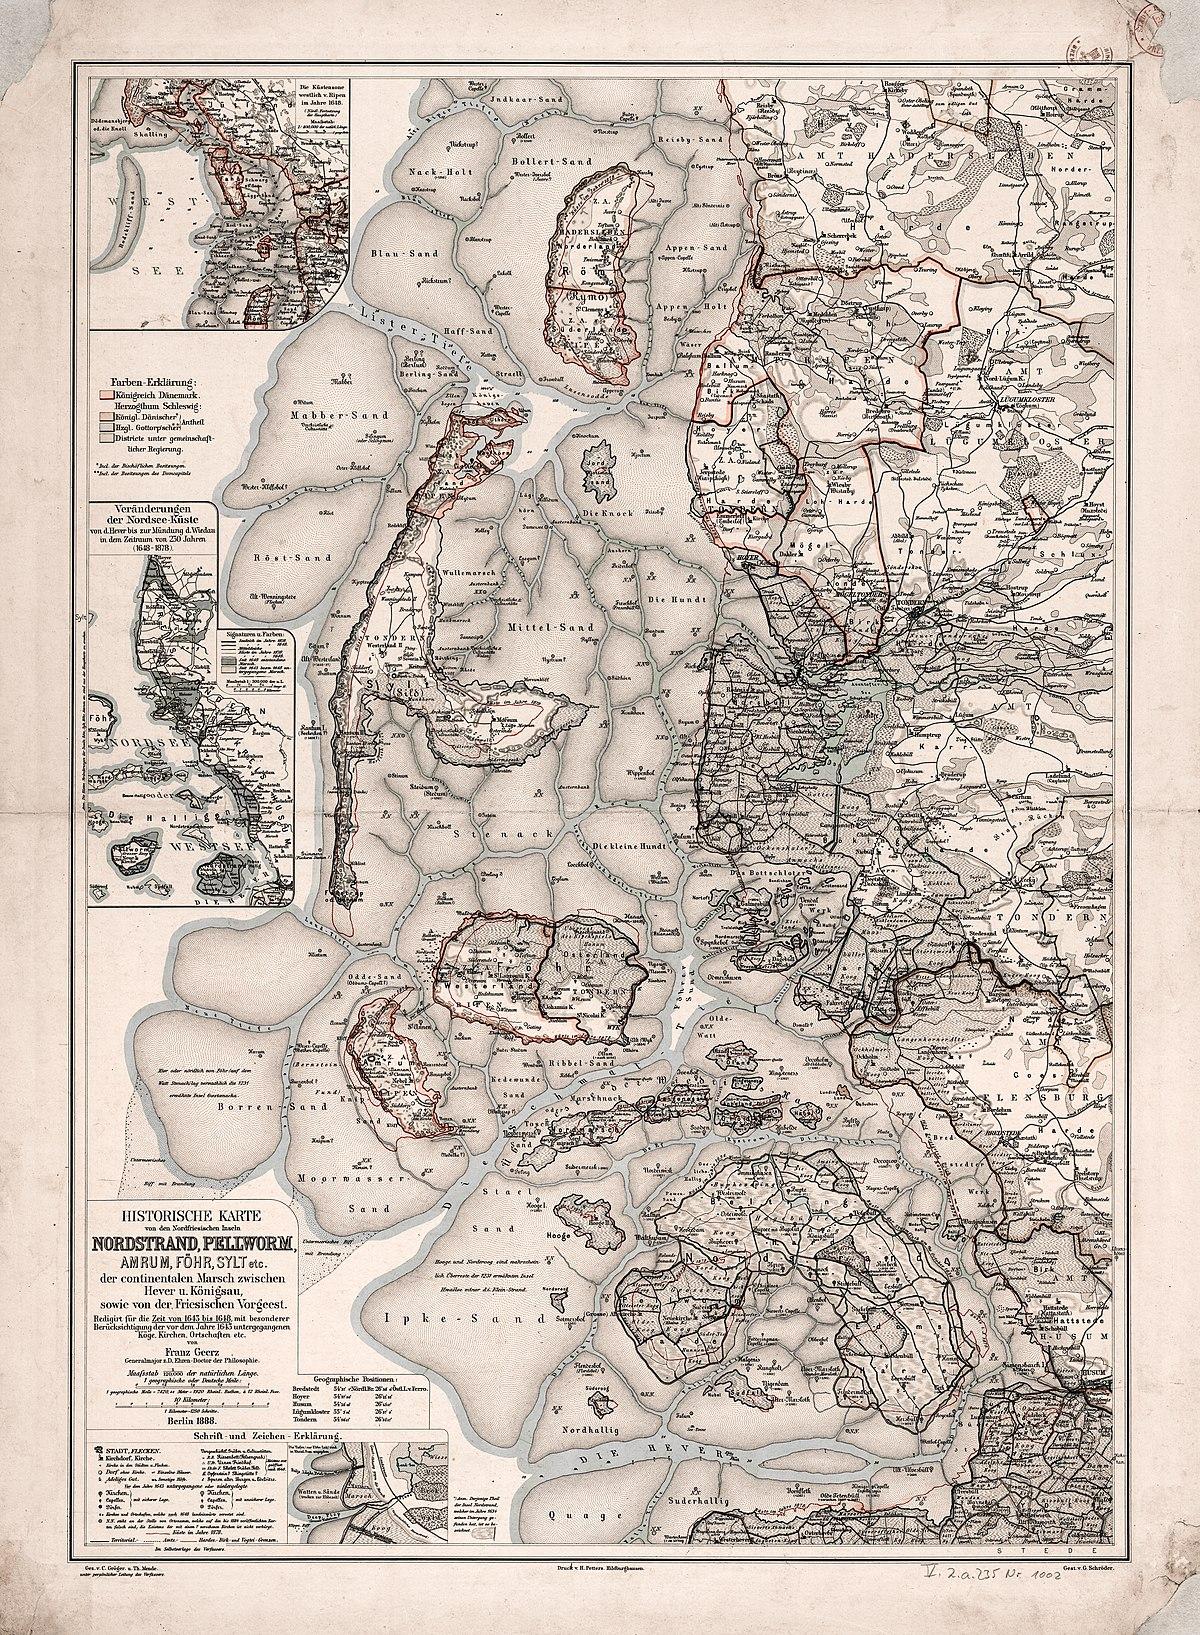 Pellworm Karte.Datei Historische Karte Von Den Nordfriesischen Inseln